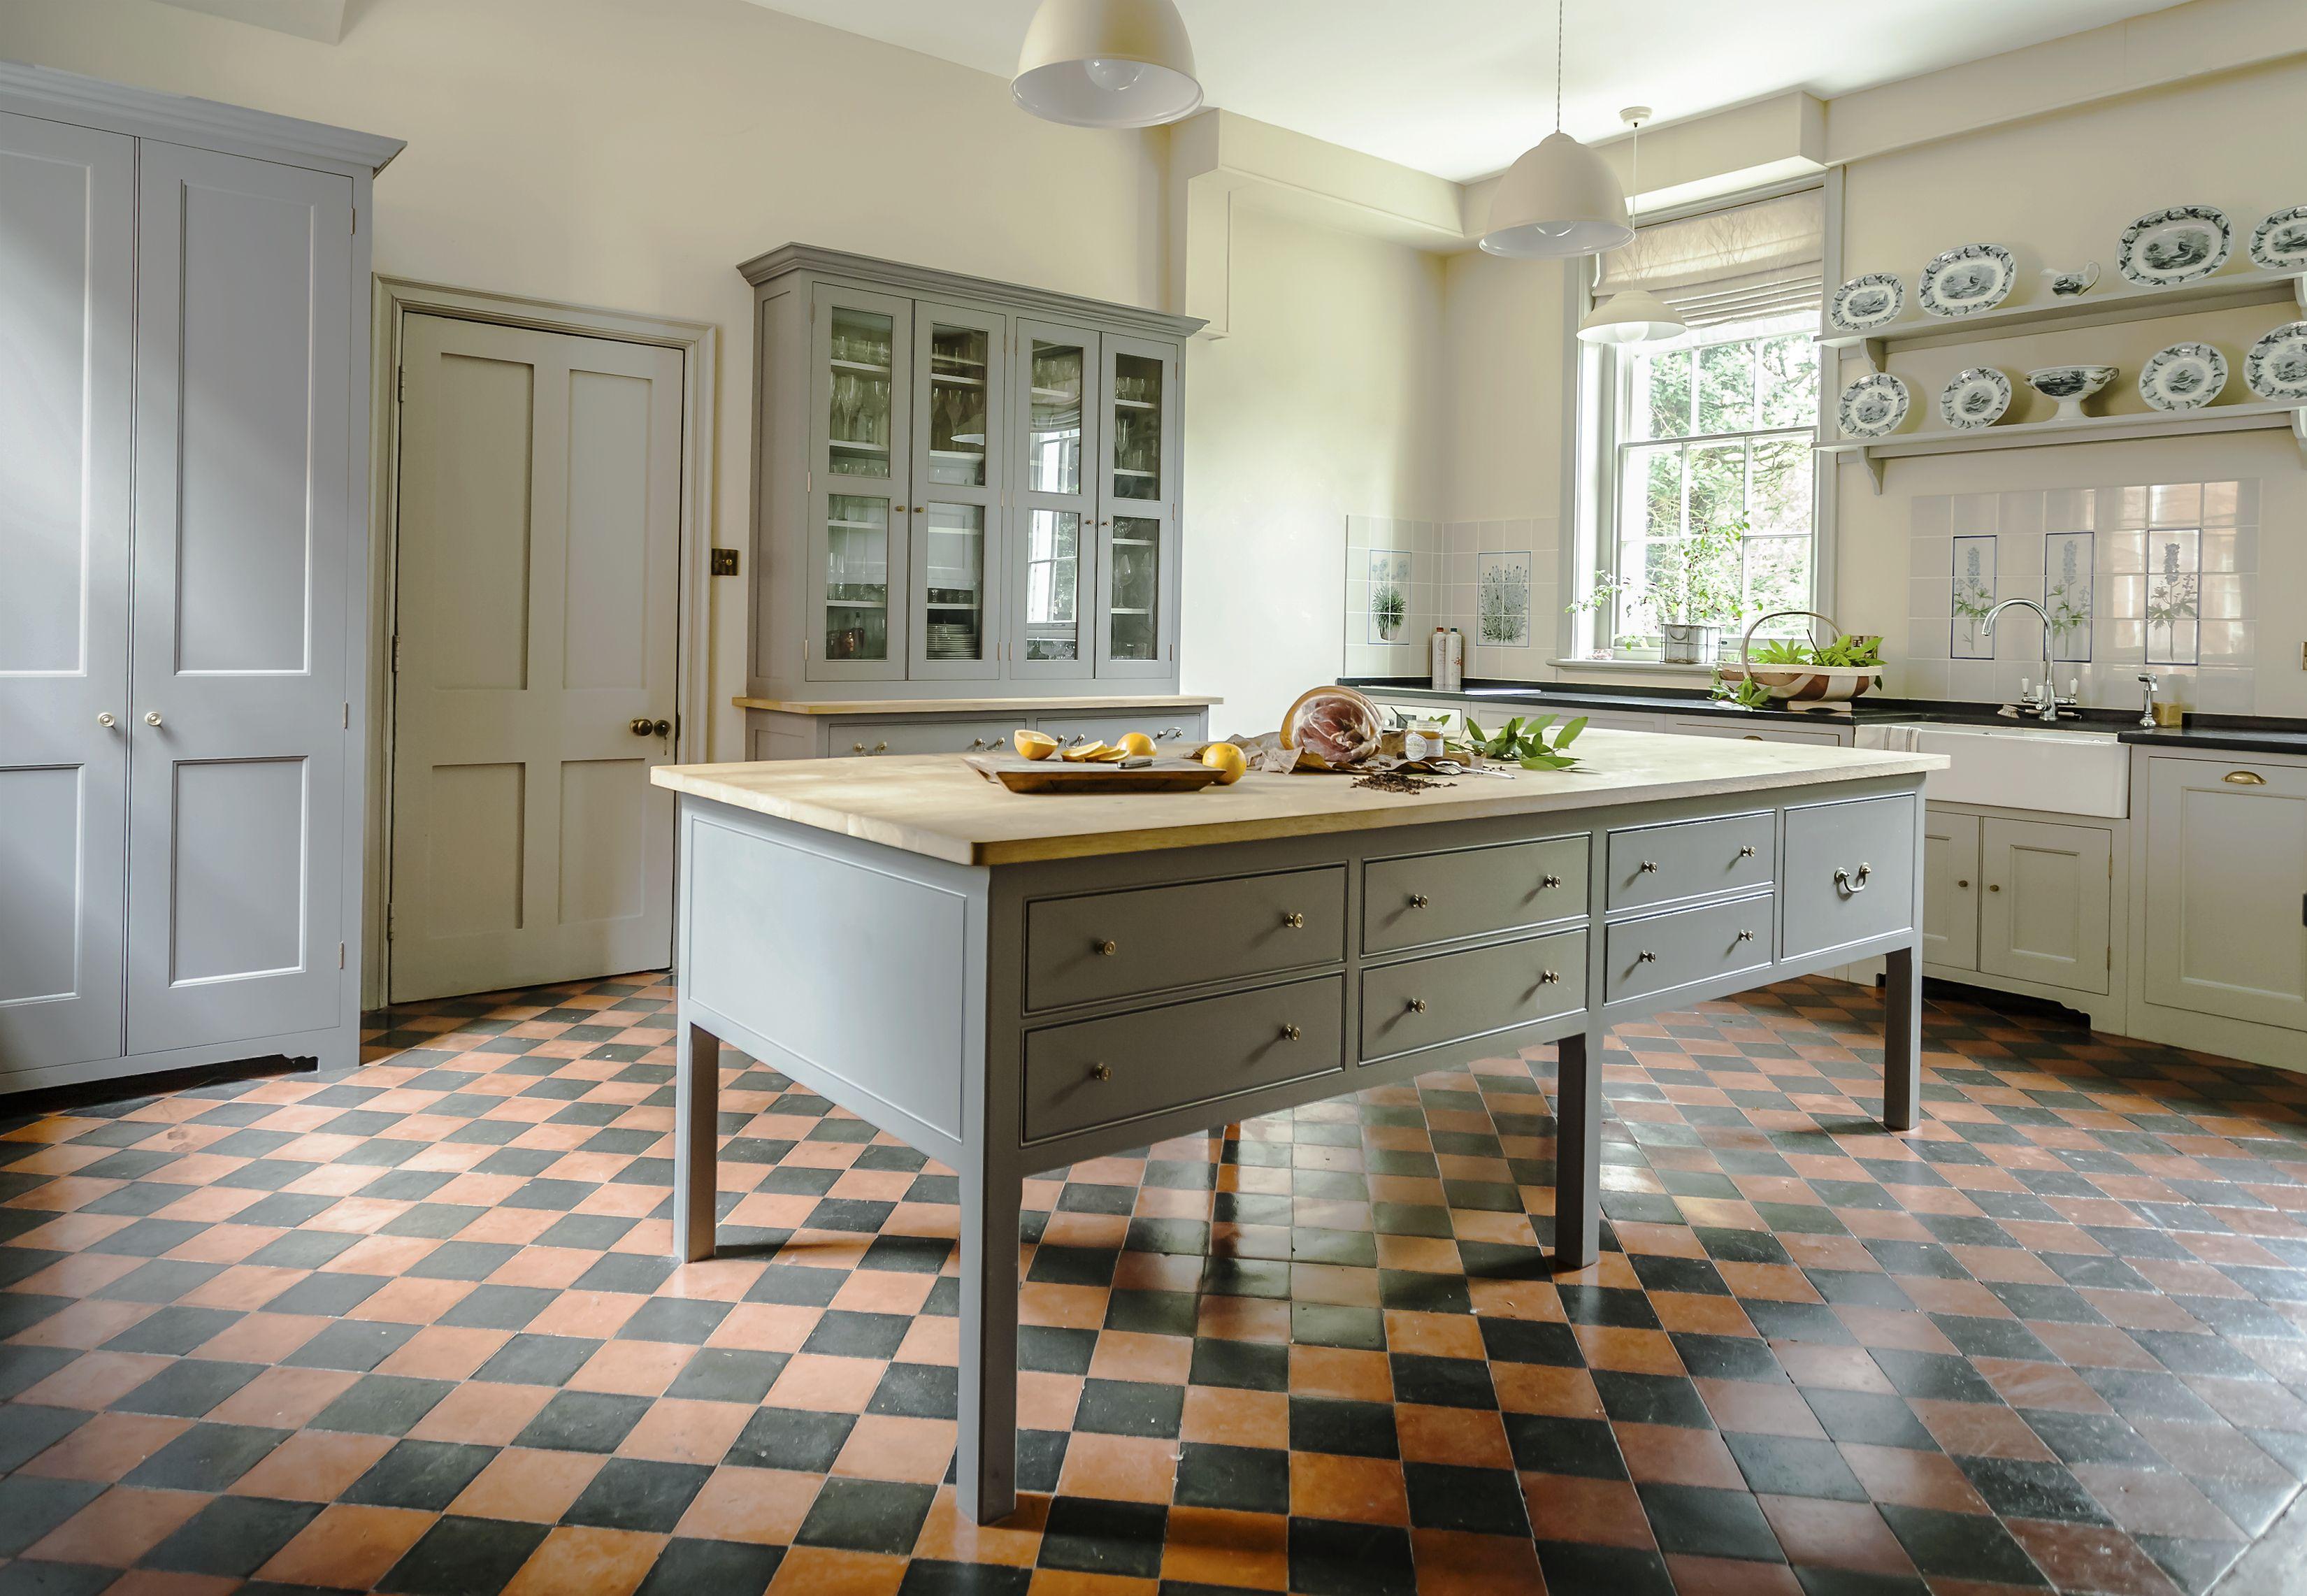 'The Spitalfields Kitchen' by Plain English www